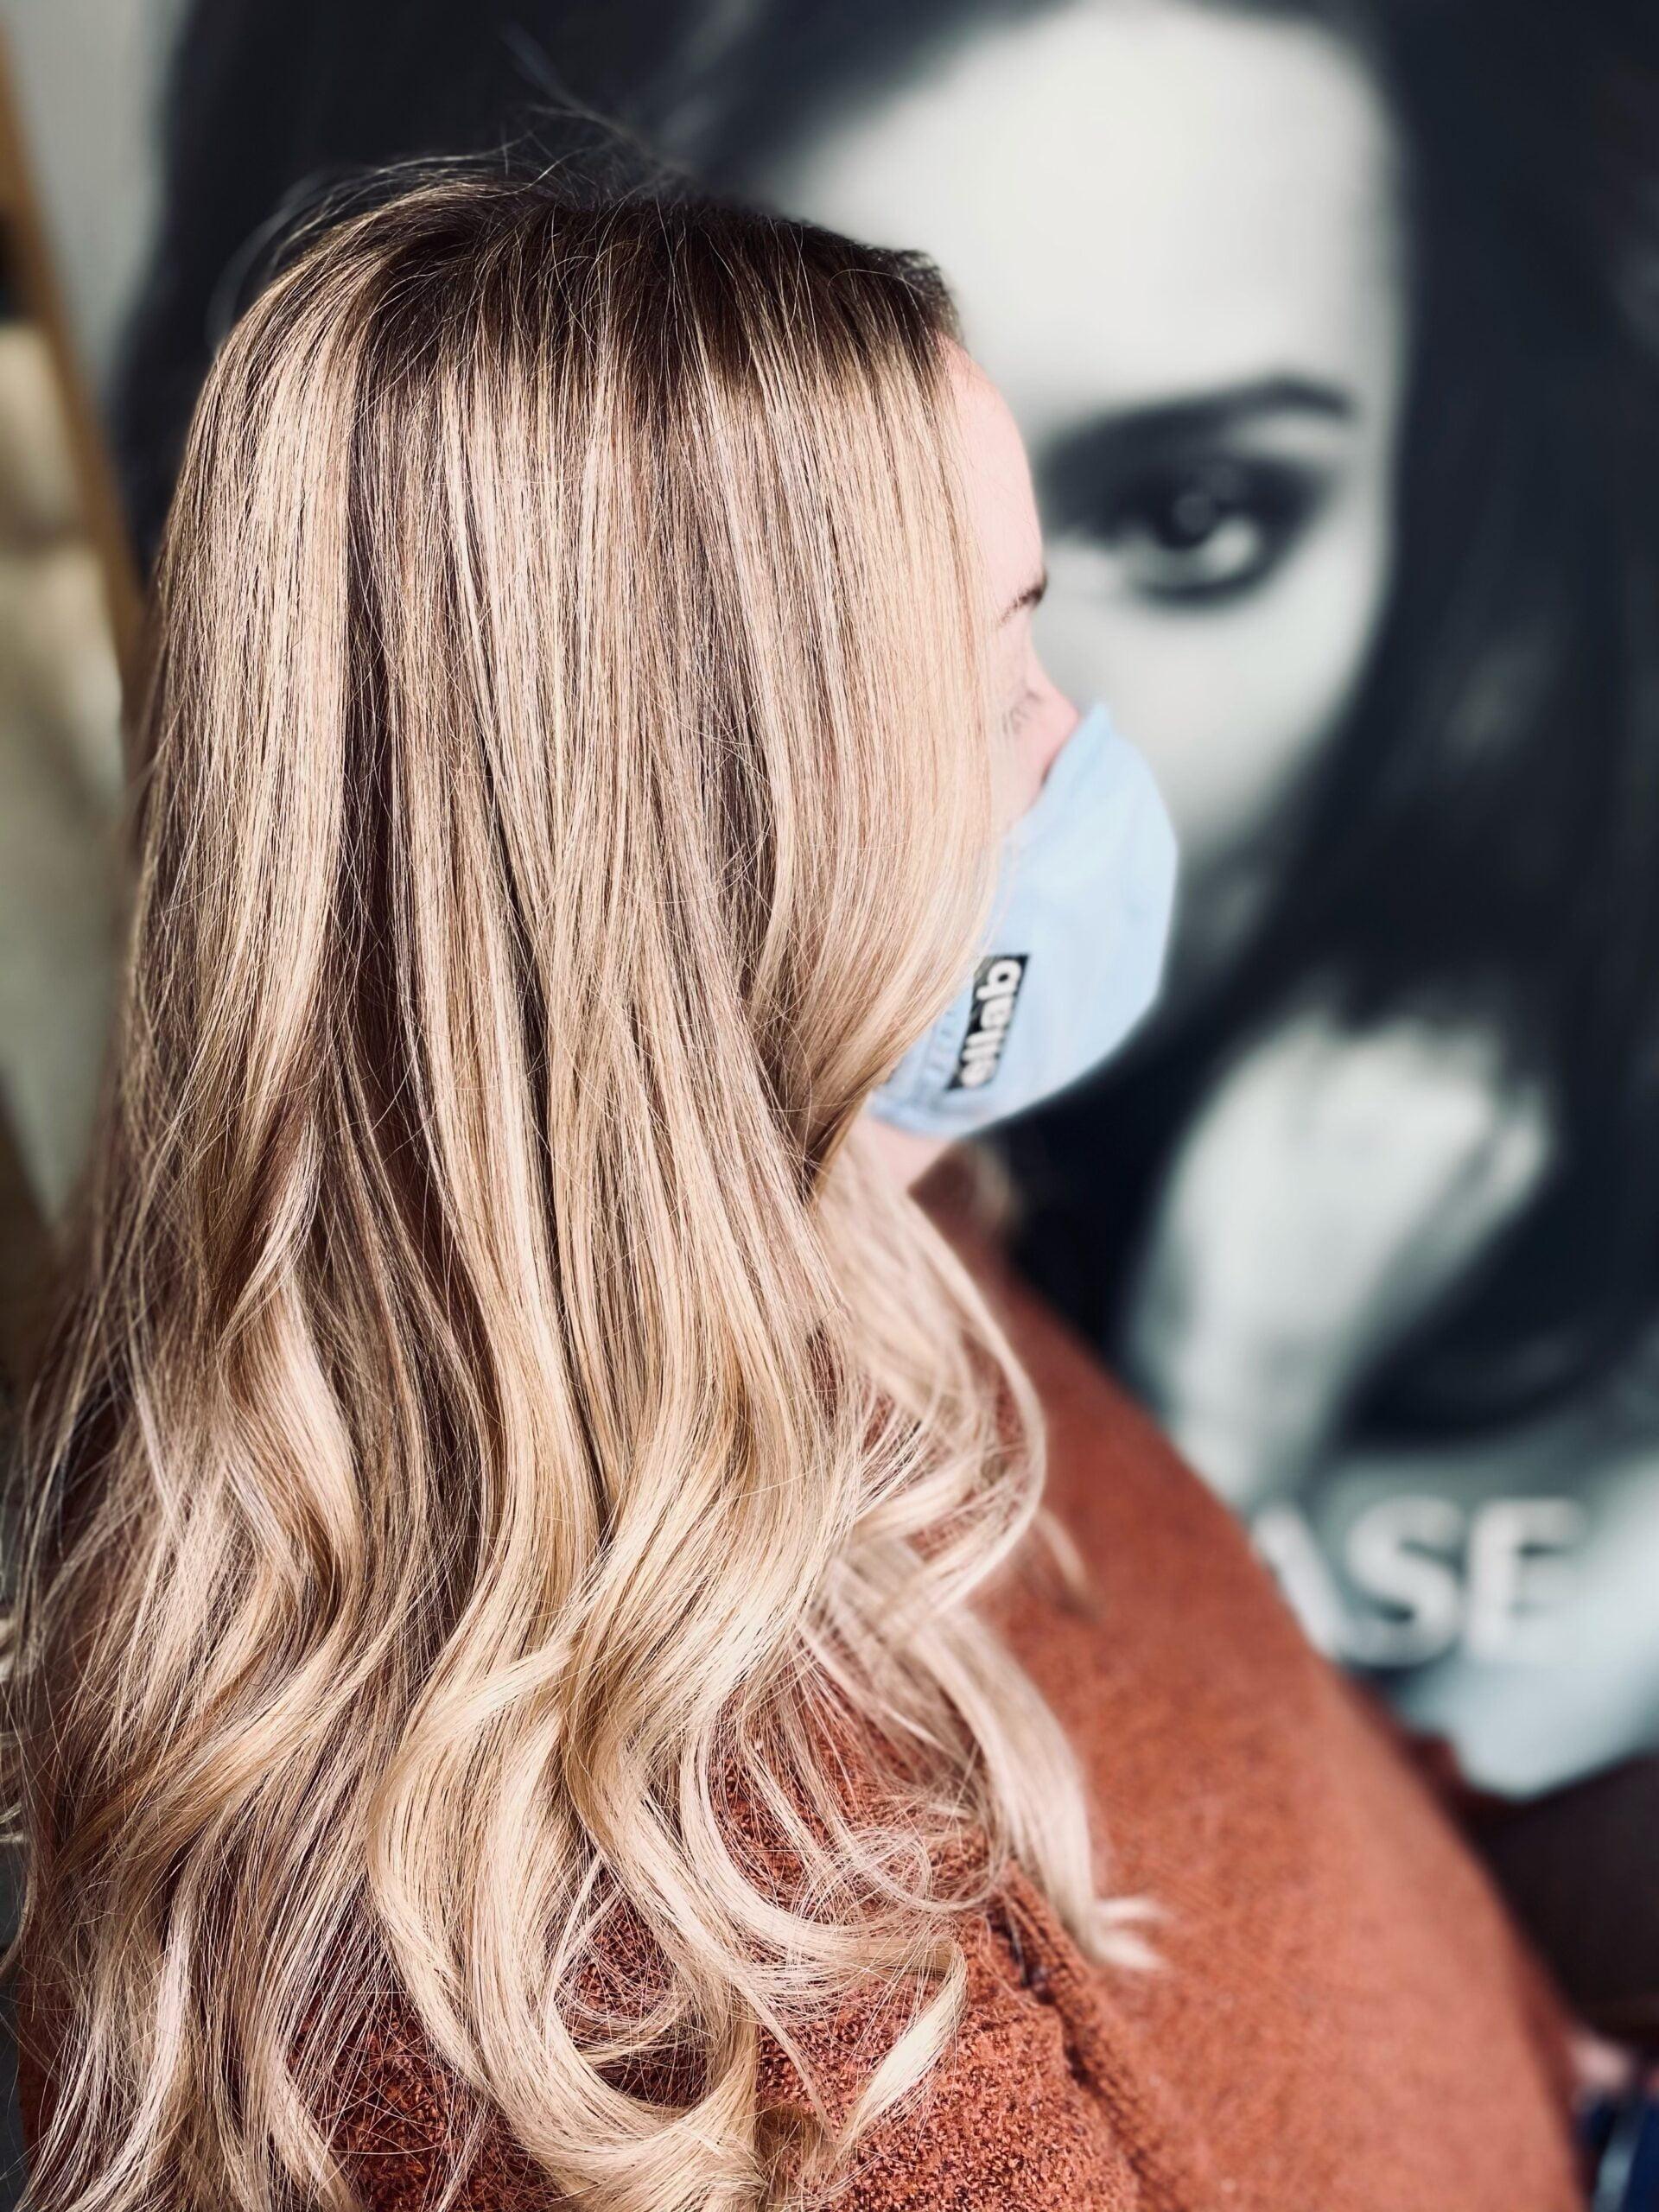 Long wavy blonde